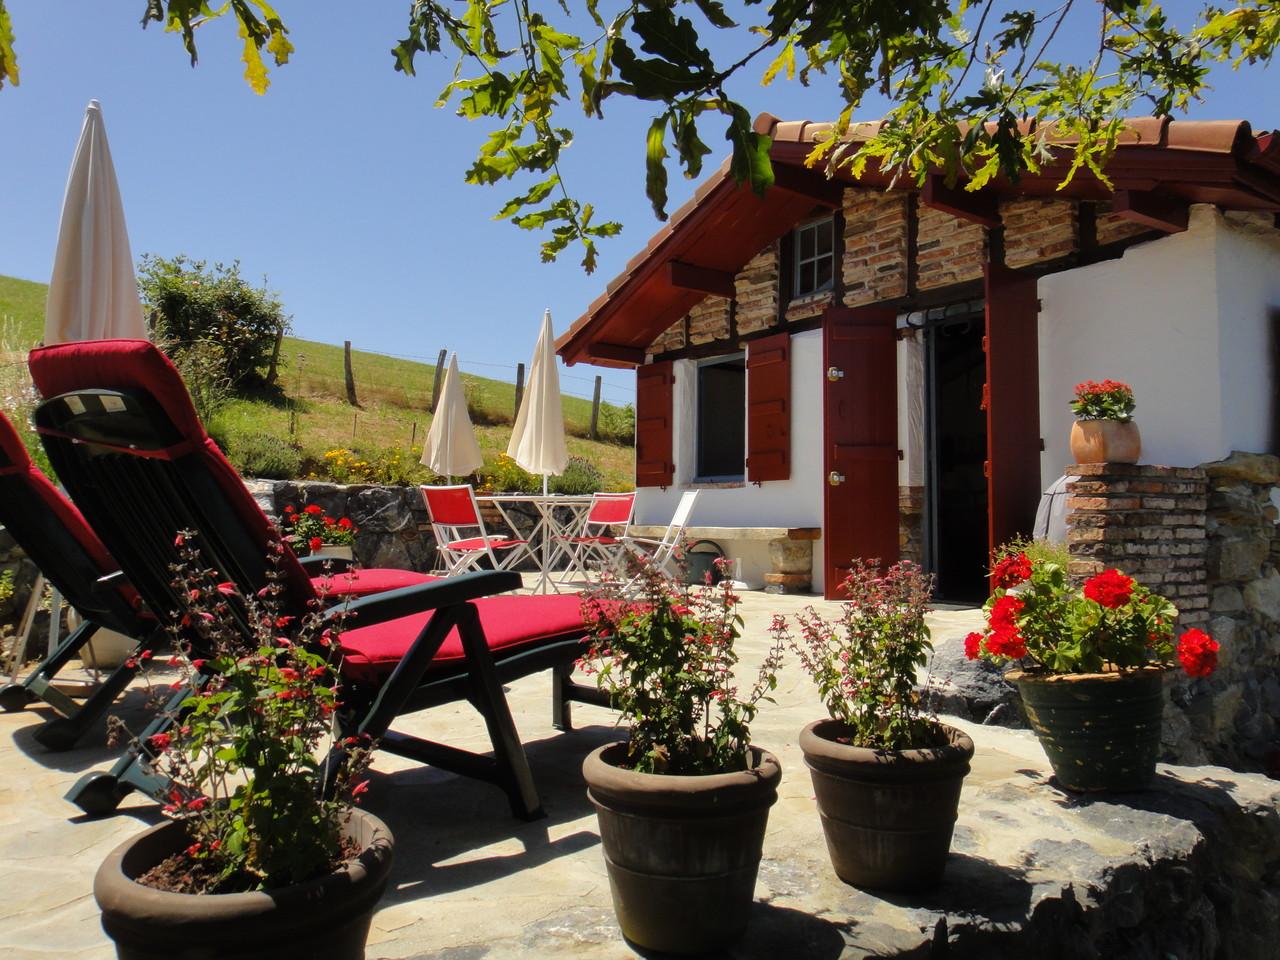 Terrasse et chaises longues très confortables pour une petite sieste